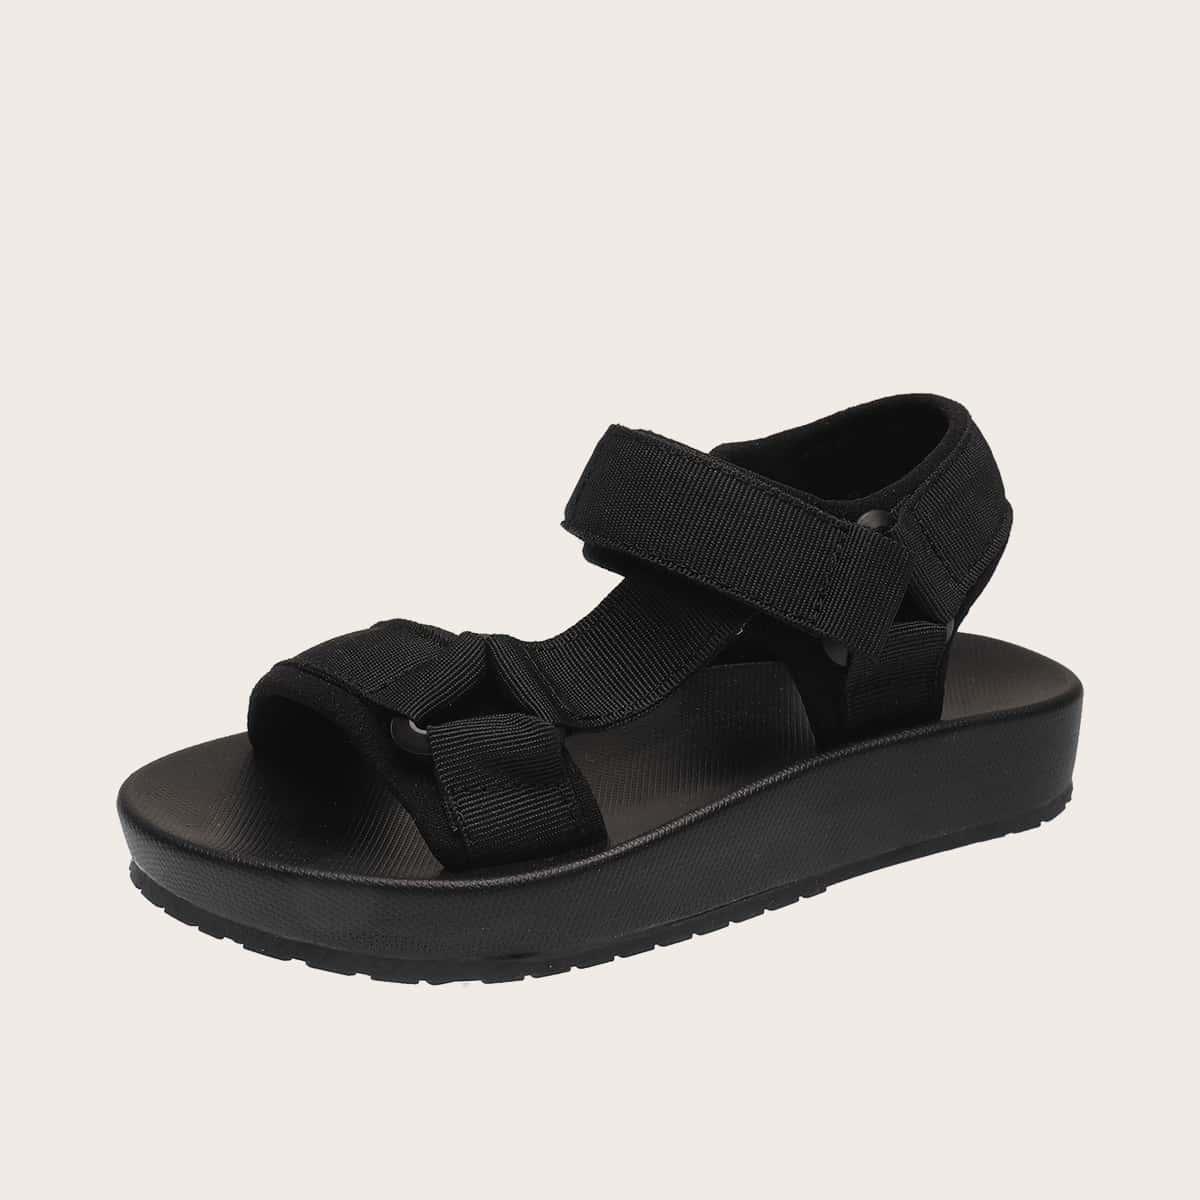 Сандалии на липучке с открытым носком для девочек фото